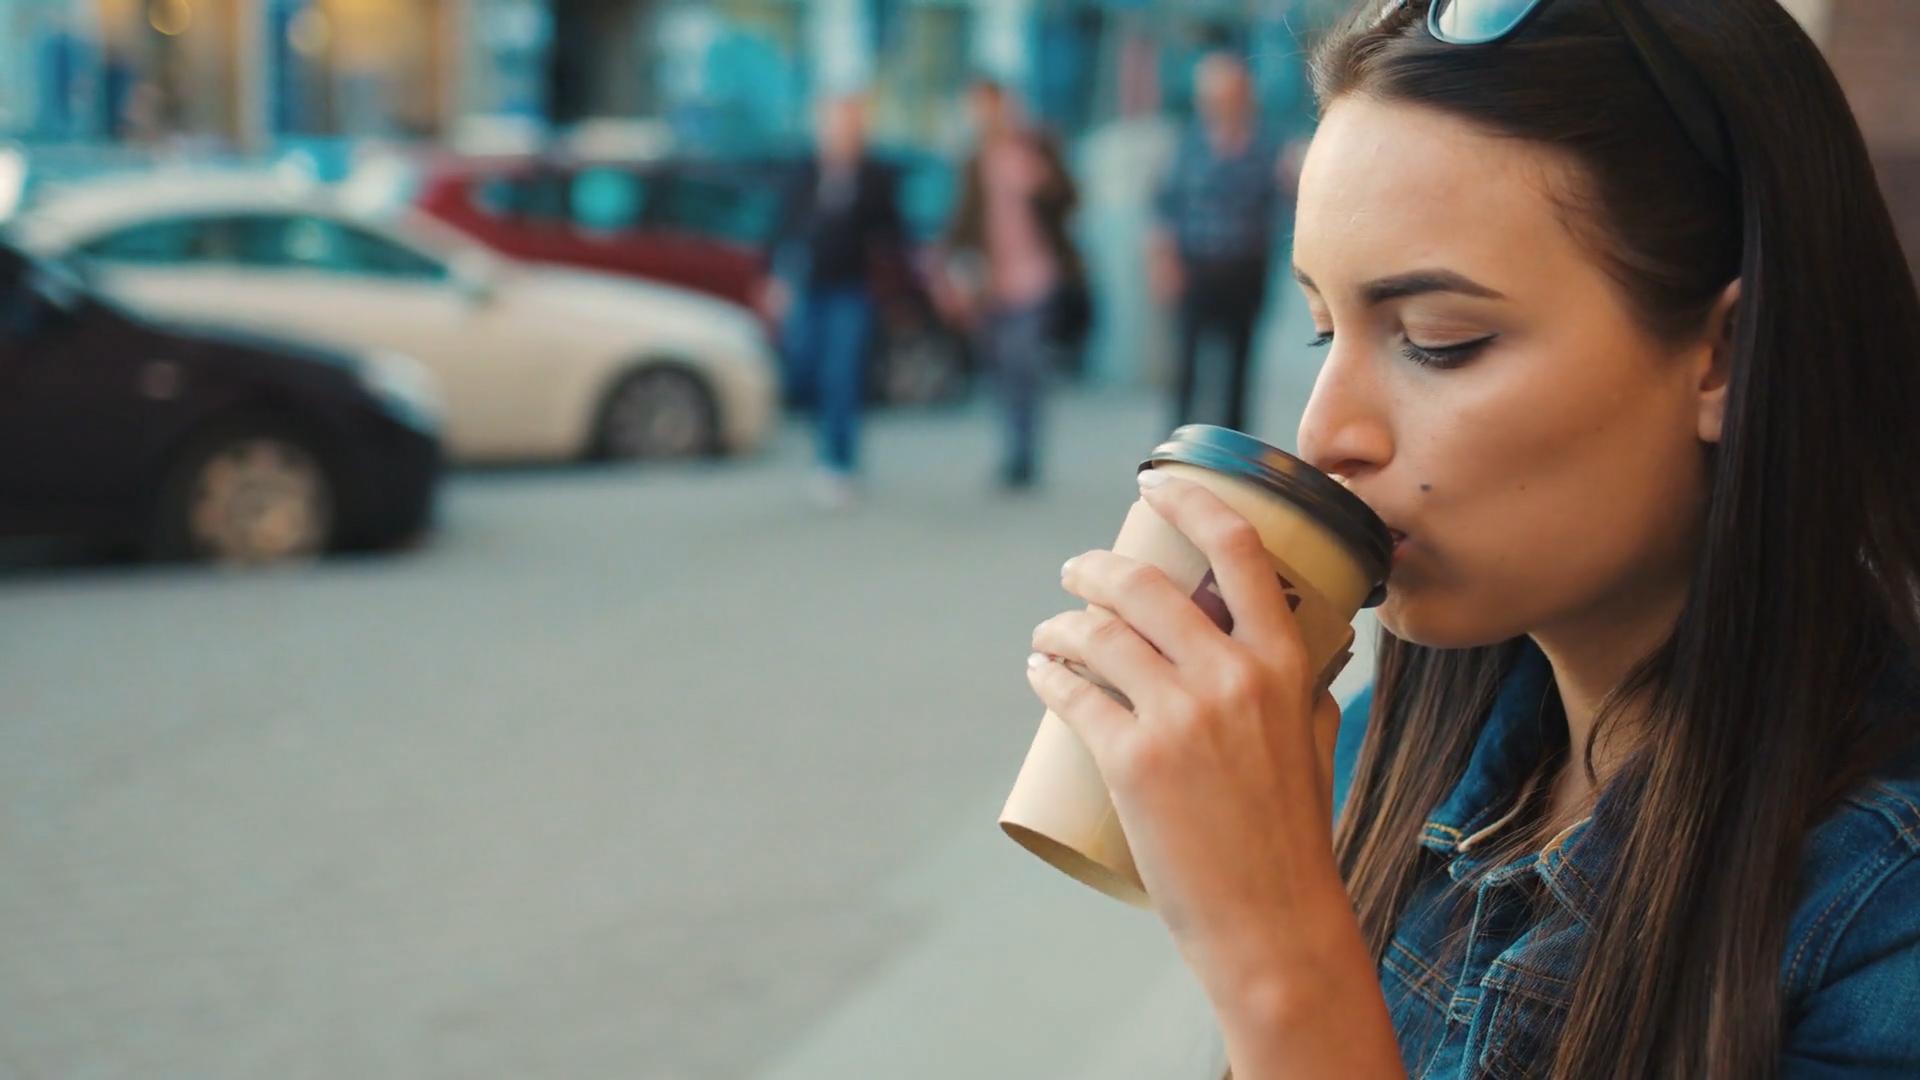 Kawa obniża poziom cukru w organizmie organizmie